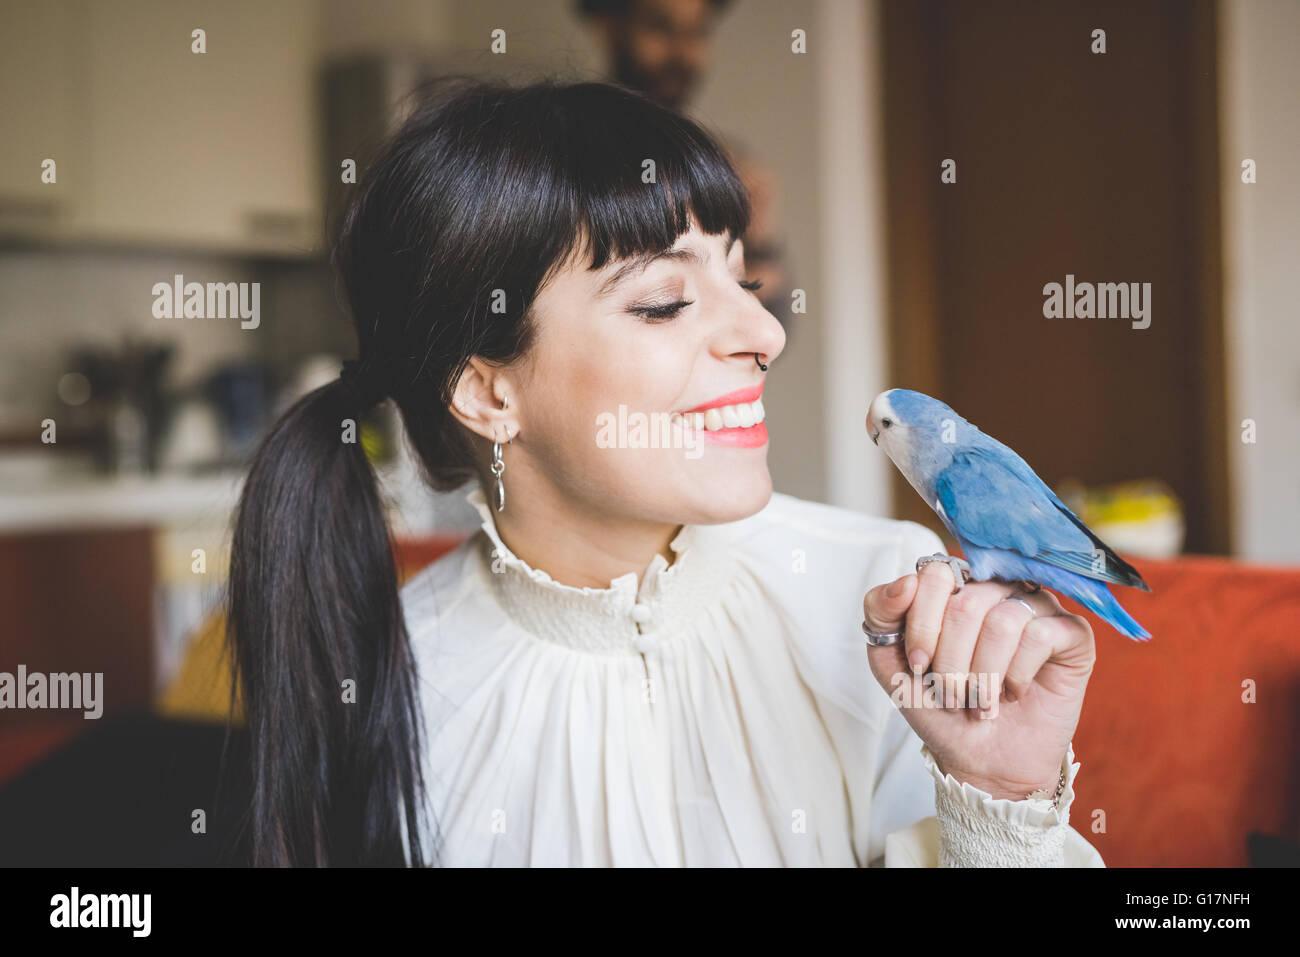 Young woman smiling at pet bird indoors - Stock Image